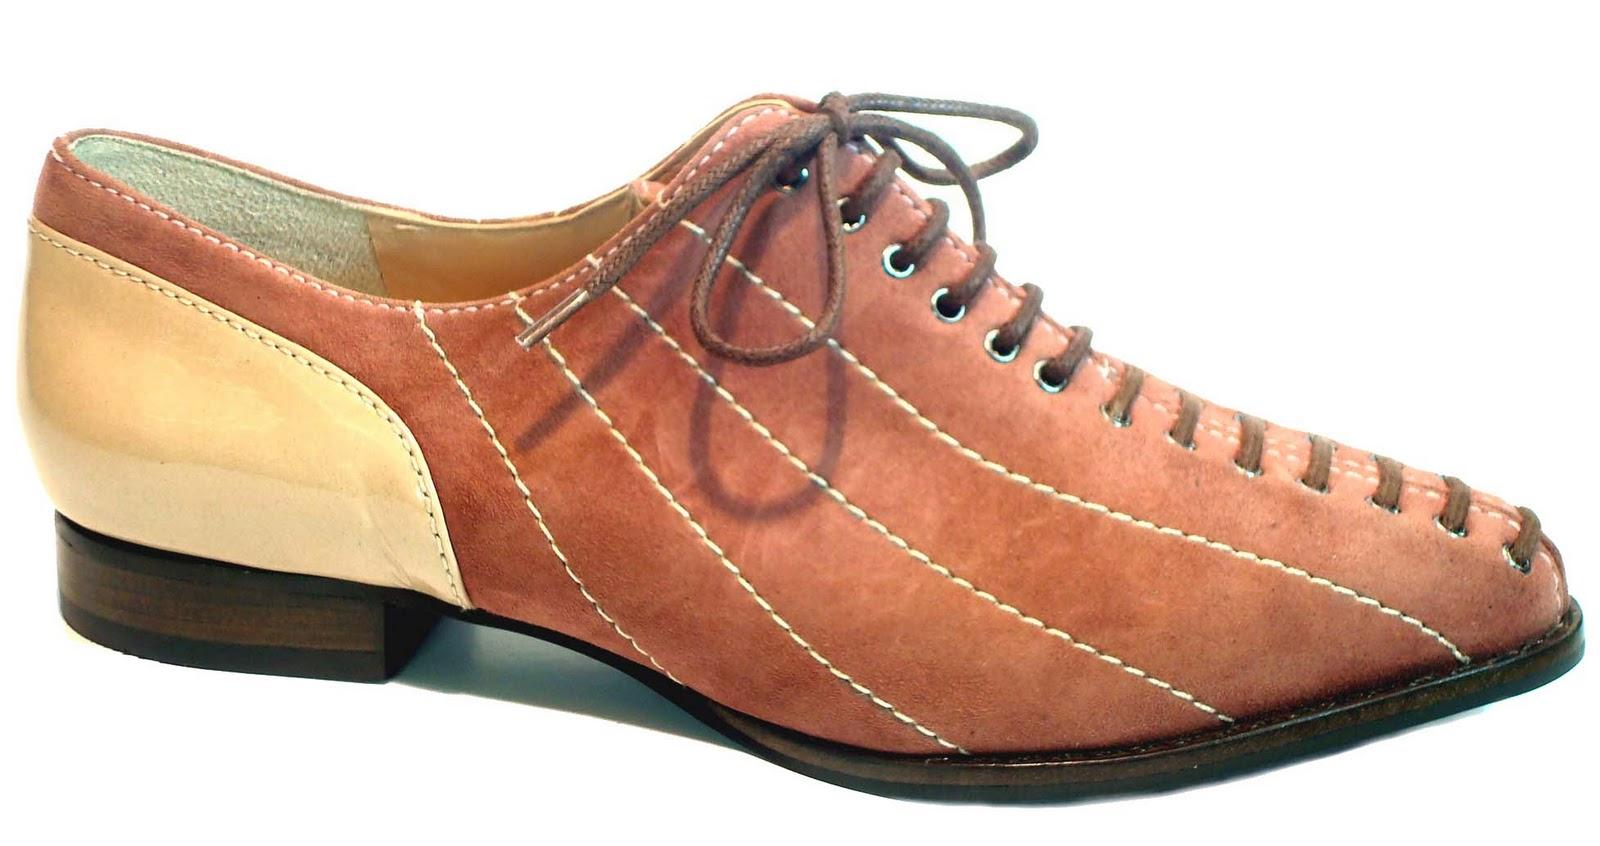 68b83dfa4 Moda Lounge: Inverno 2011 Claudina: Oxford shoes em linha bastante ...